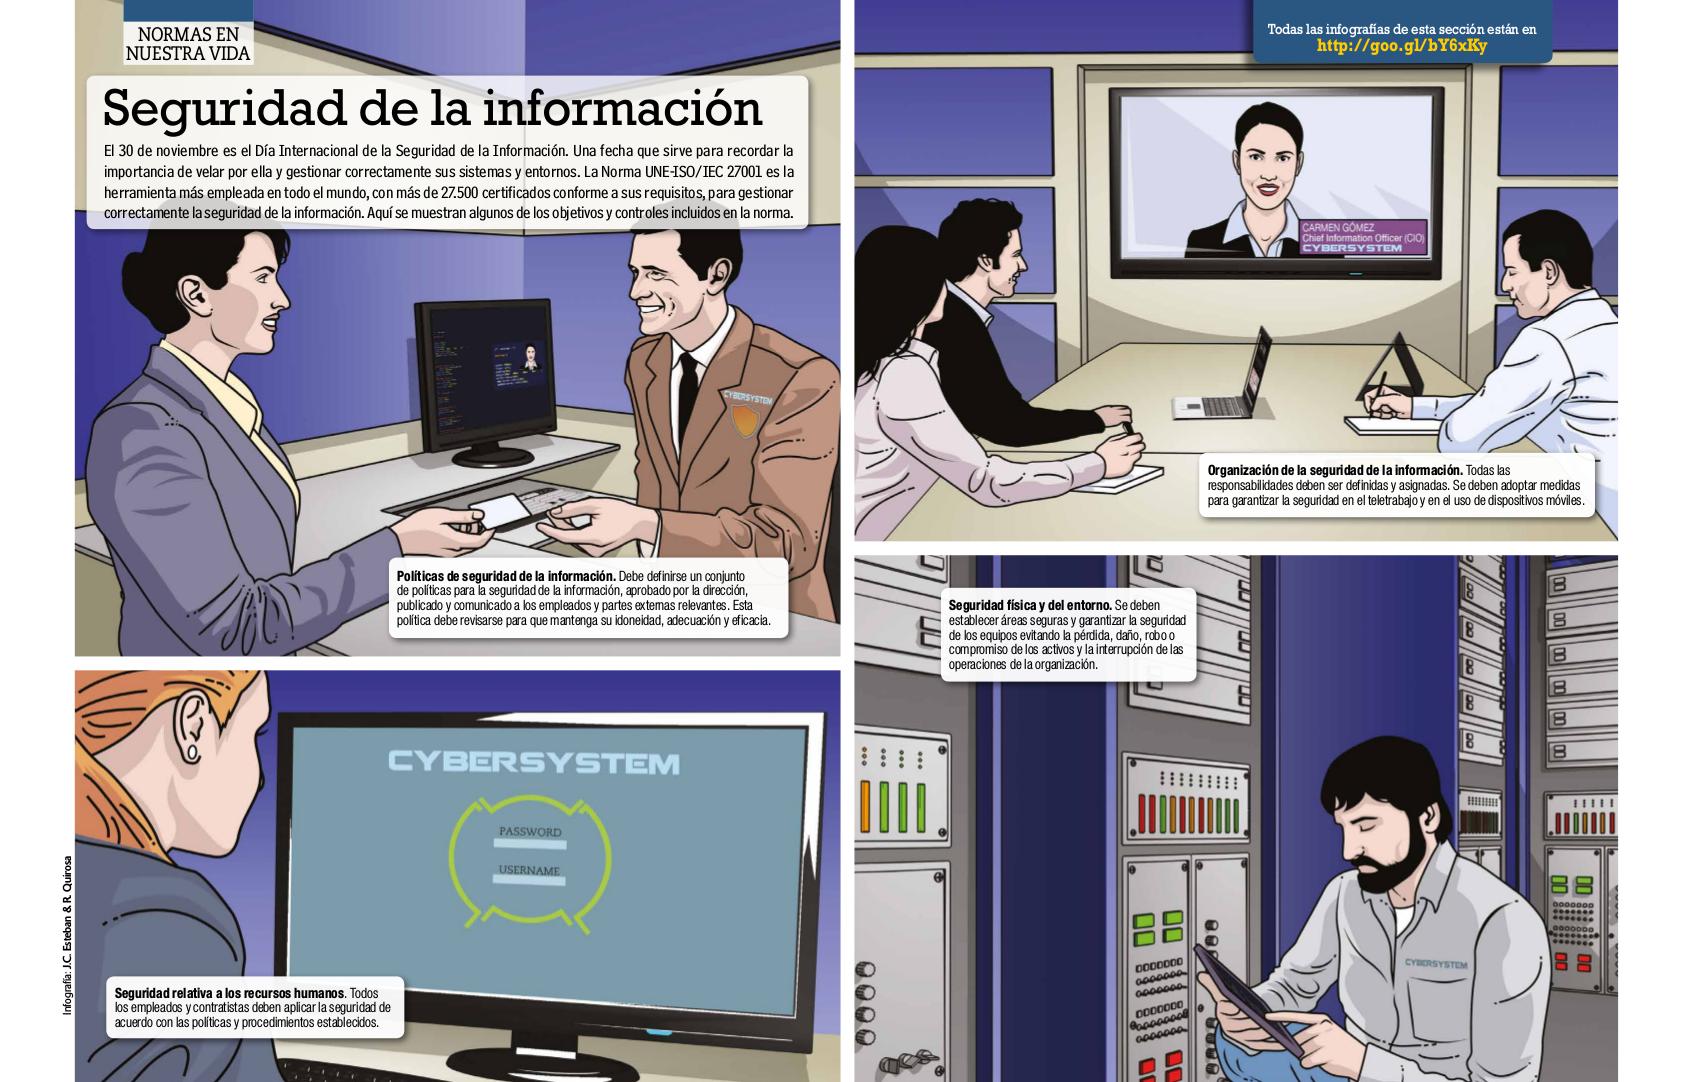 Seguridad de la información, consejos